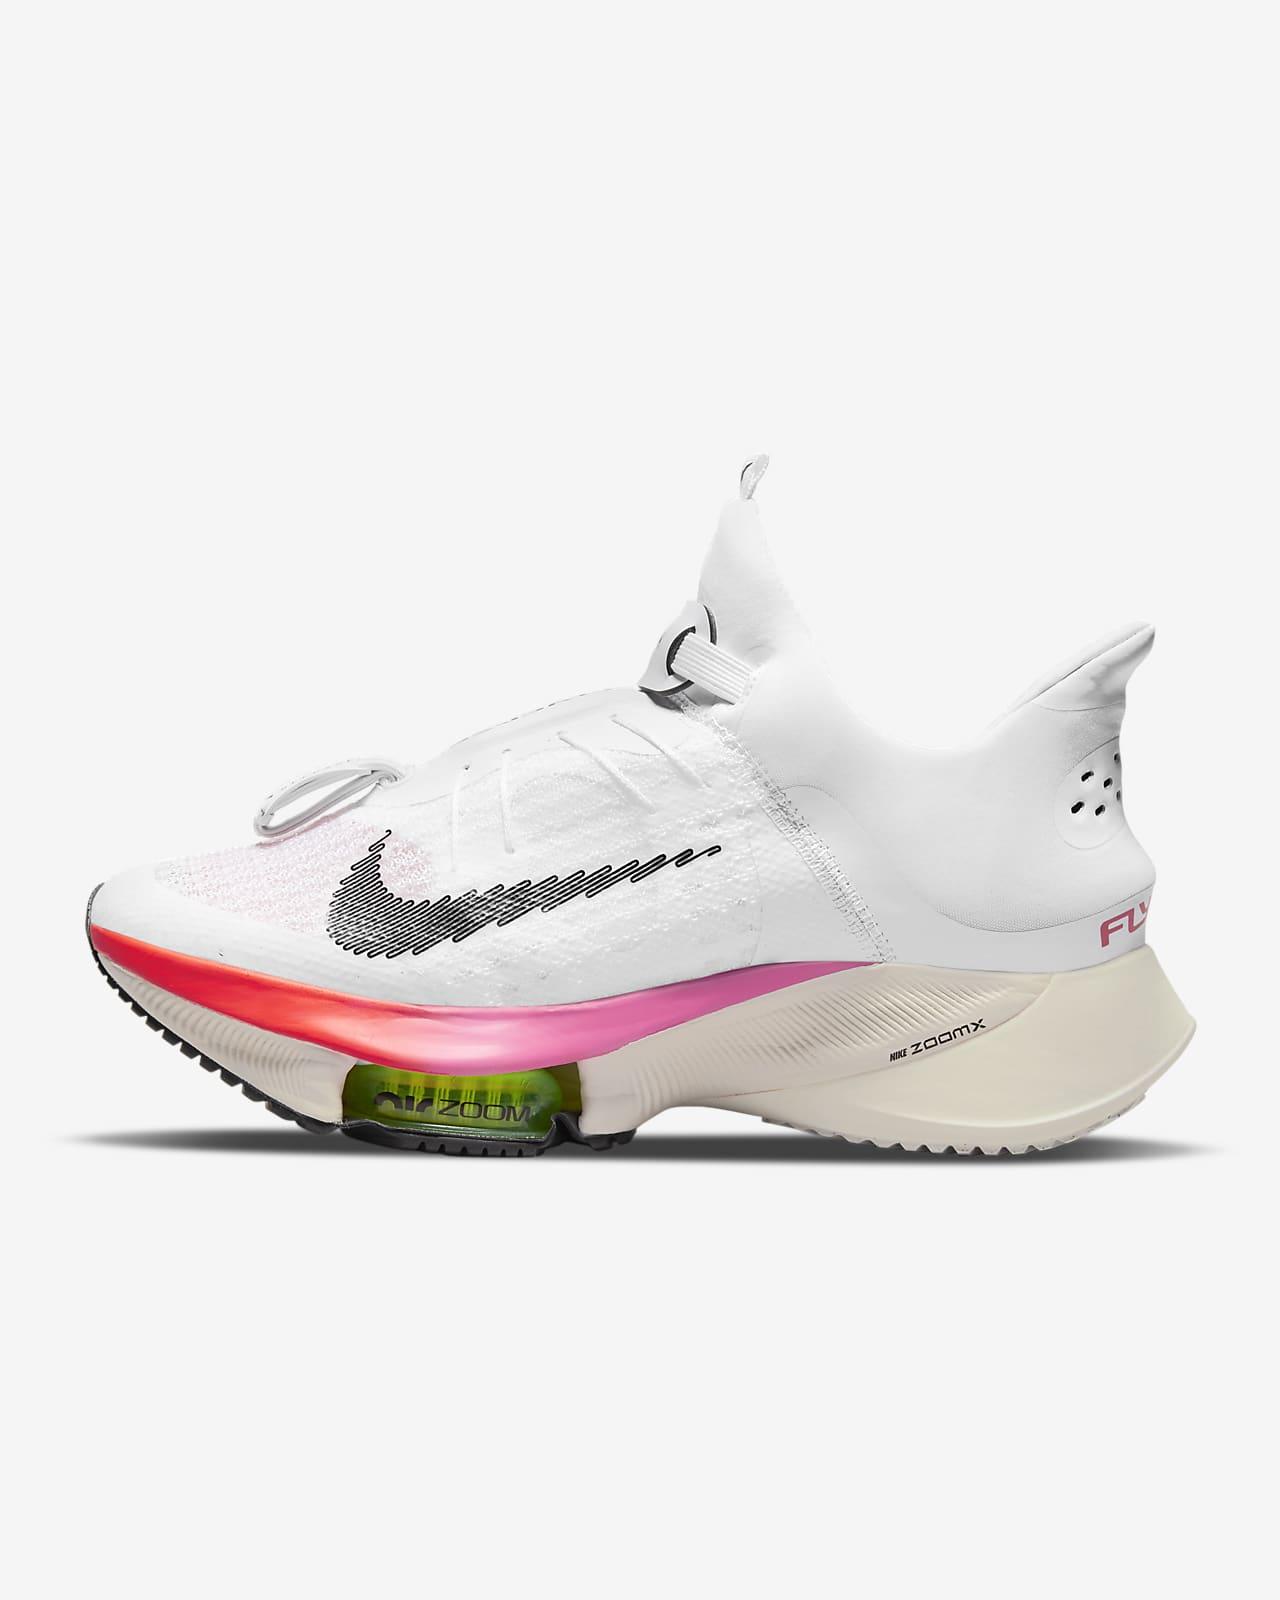 Γυναικείο παπούτσι για τρέξιμο σε δρόμο με εύκολη εφαρμογή/αφαίρεση Nike Air Zoom Tempo Next% FlyEase